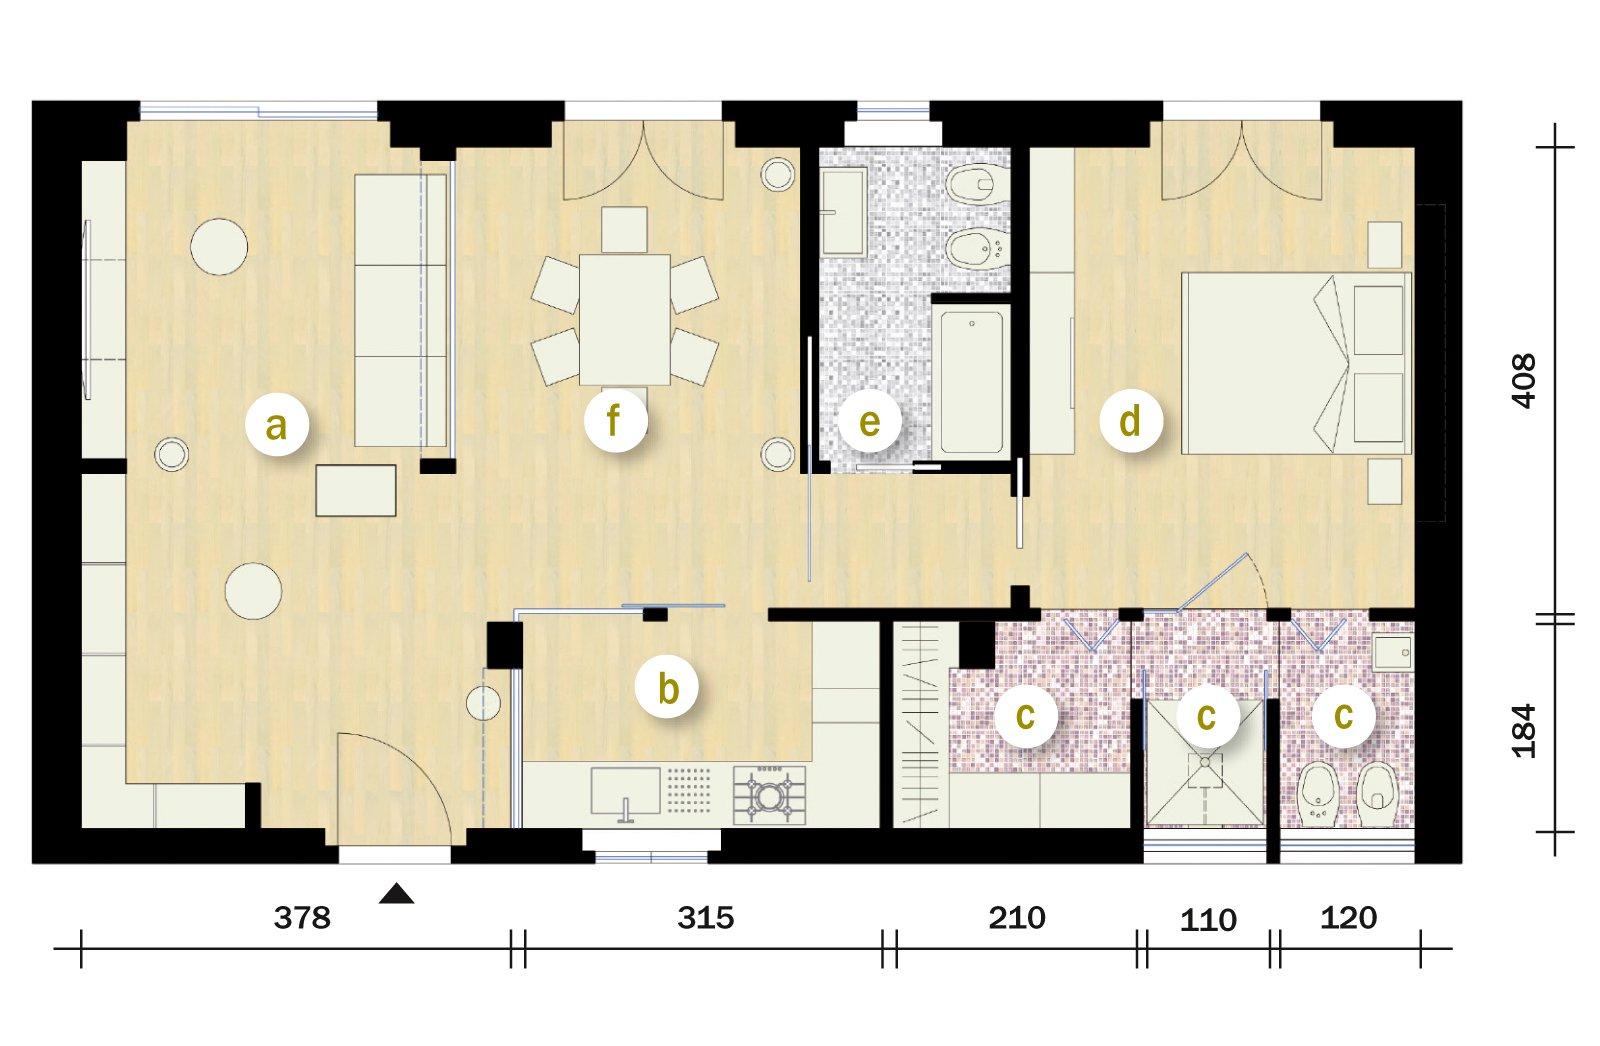 Excellent progetti di case casa di legno su due piani mq for Piani e progetti di case contemporanee